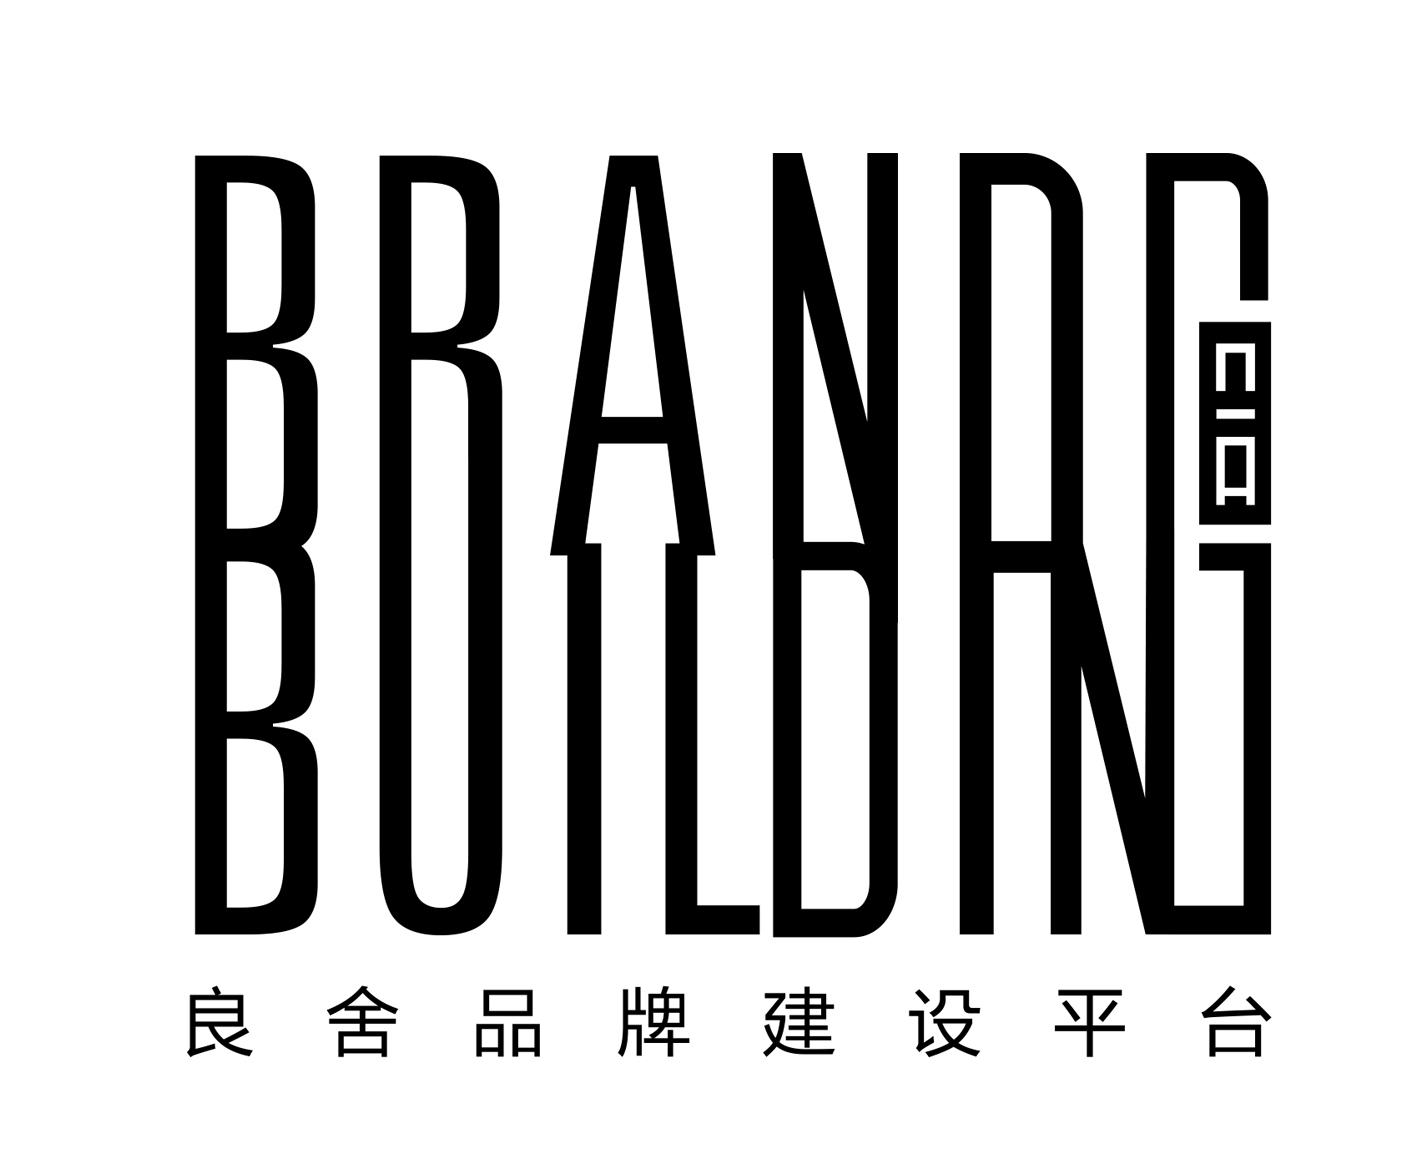 专业餐饮品牌建设装饰设计_山东建筑项目合作设计装修-山东颉筑装饰设计有限公司